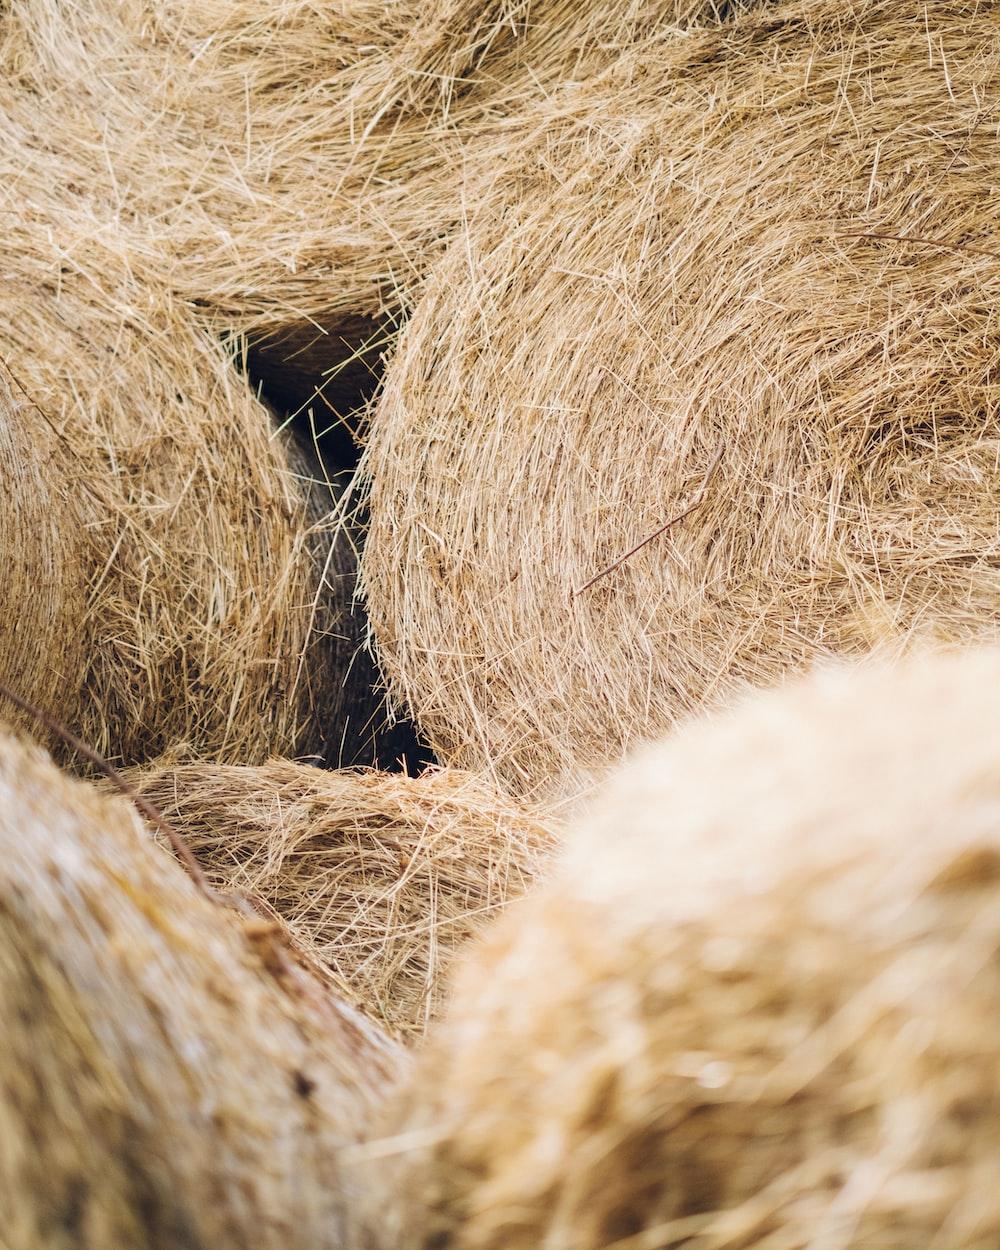 brown hay stack on brown wooden rack